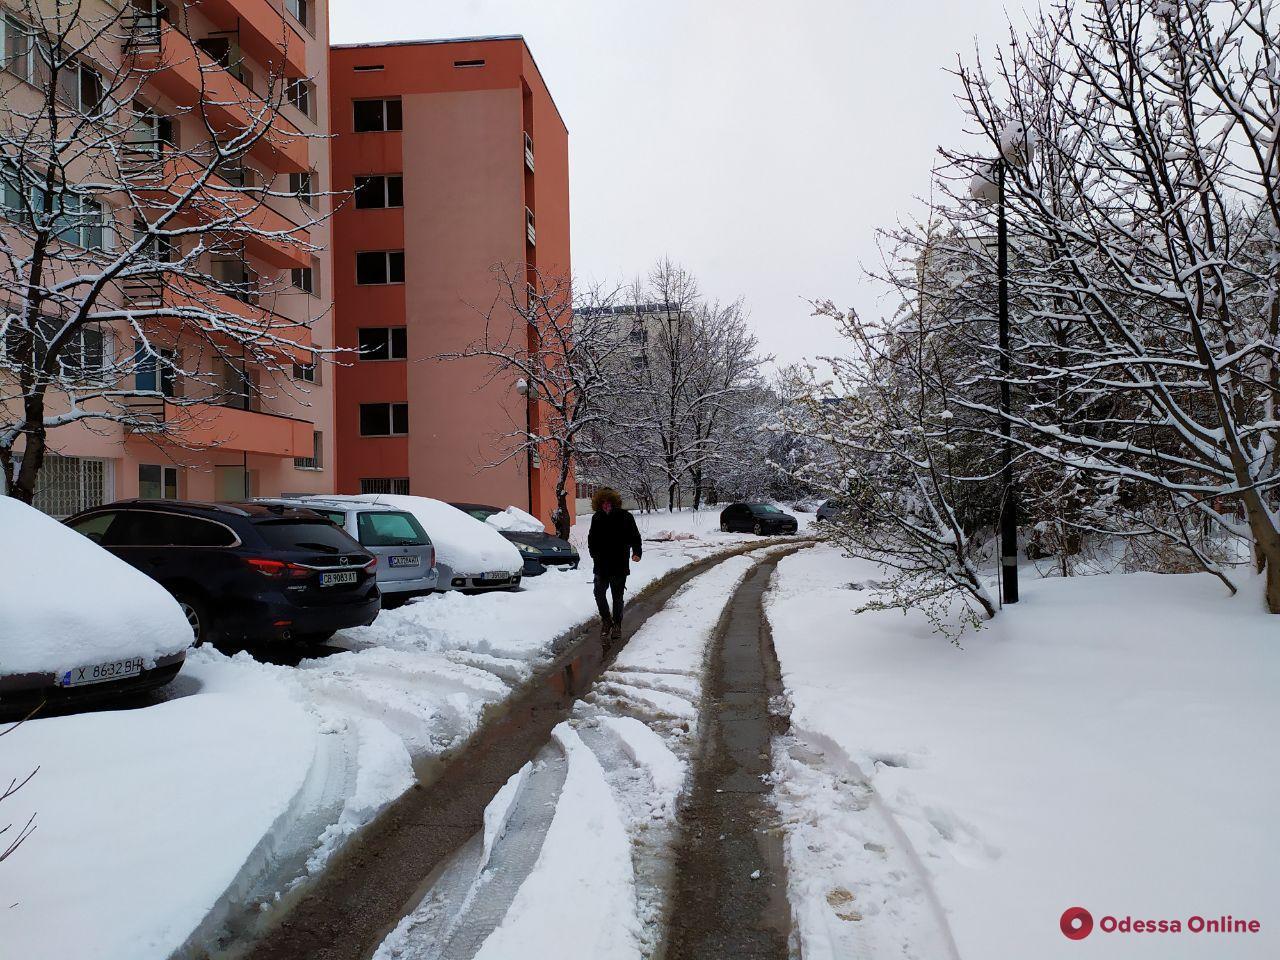 Карантин в Болгарии: снег на улицах, штрафов нет, но люди остаются дома (фото)